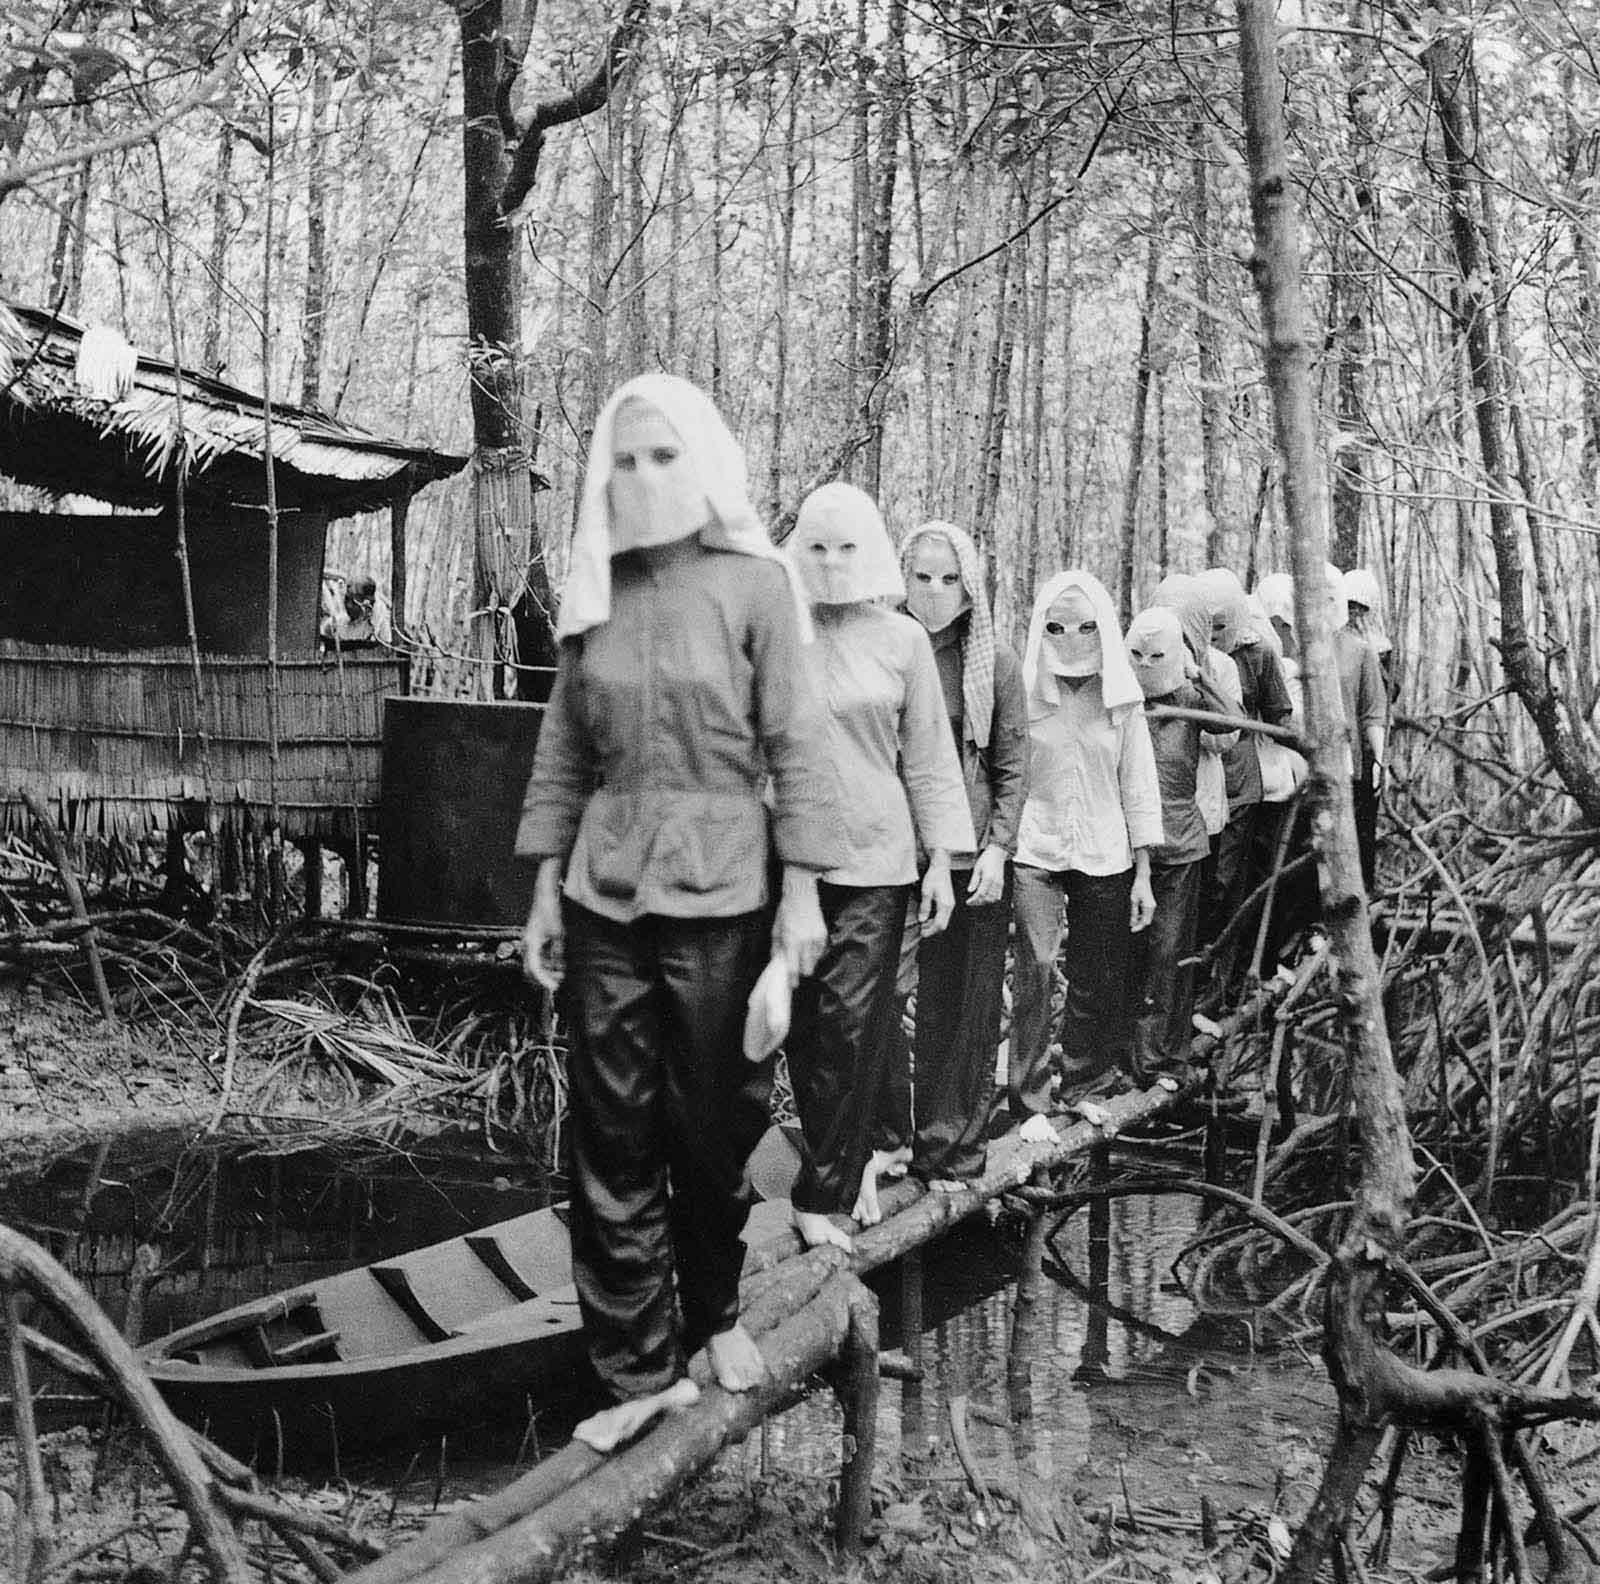 Активисты встречаются в лесу Намкан в масках, чтобы скрыть друг от друга свои личности в случае захвата и допроса  (Фото Во Ань Кханя).